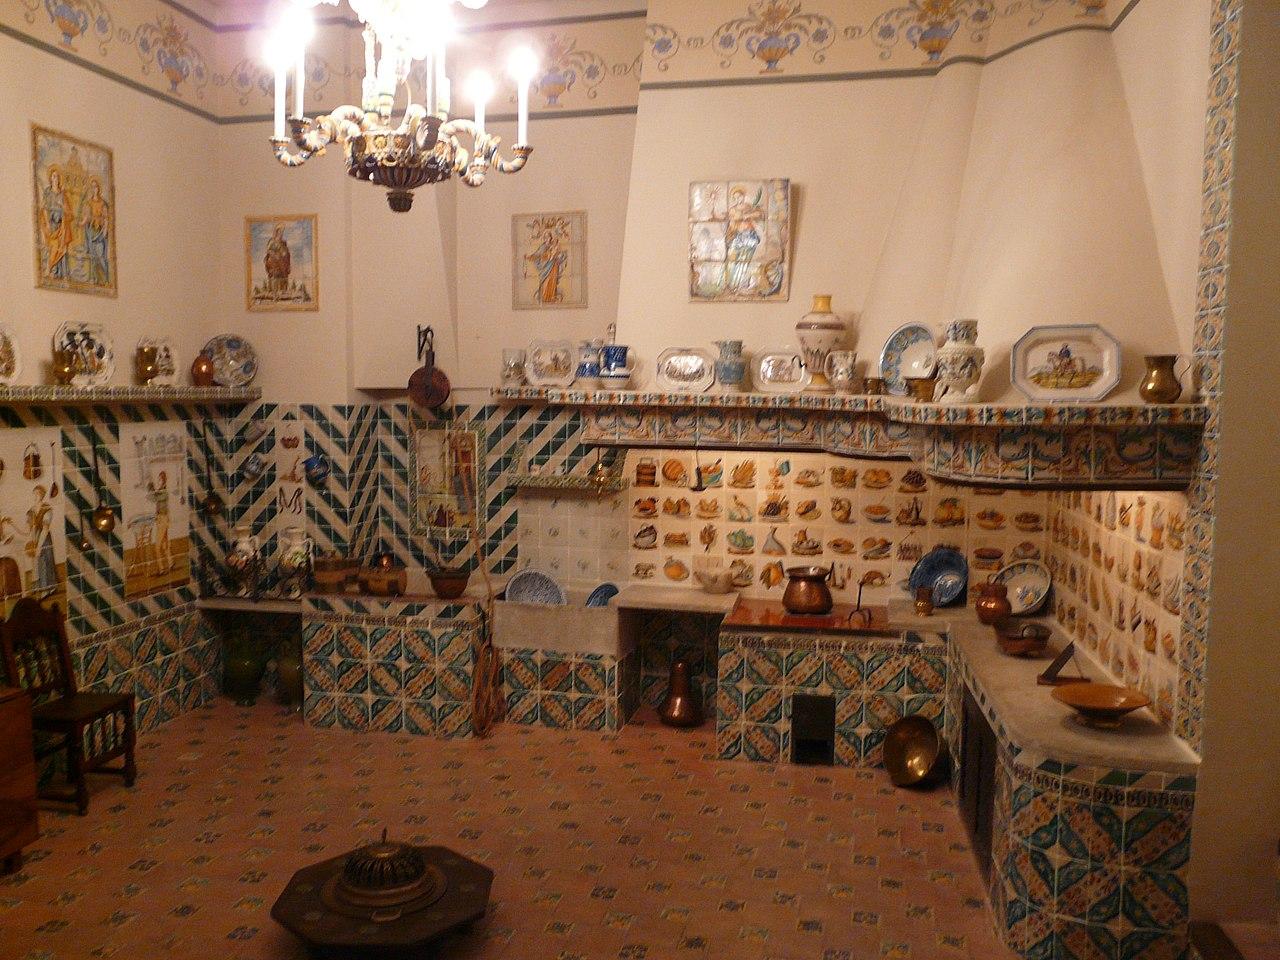 cocina museo nacional de ceramica de valencia